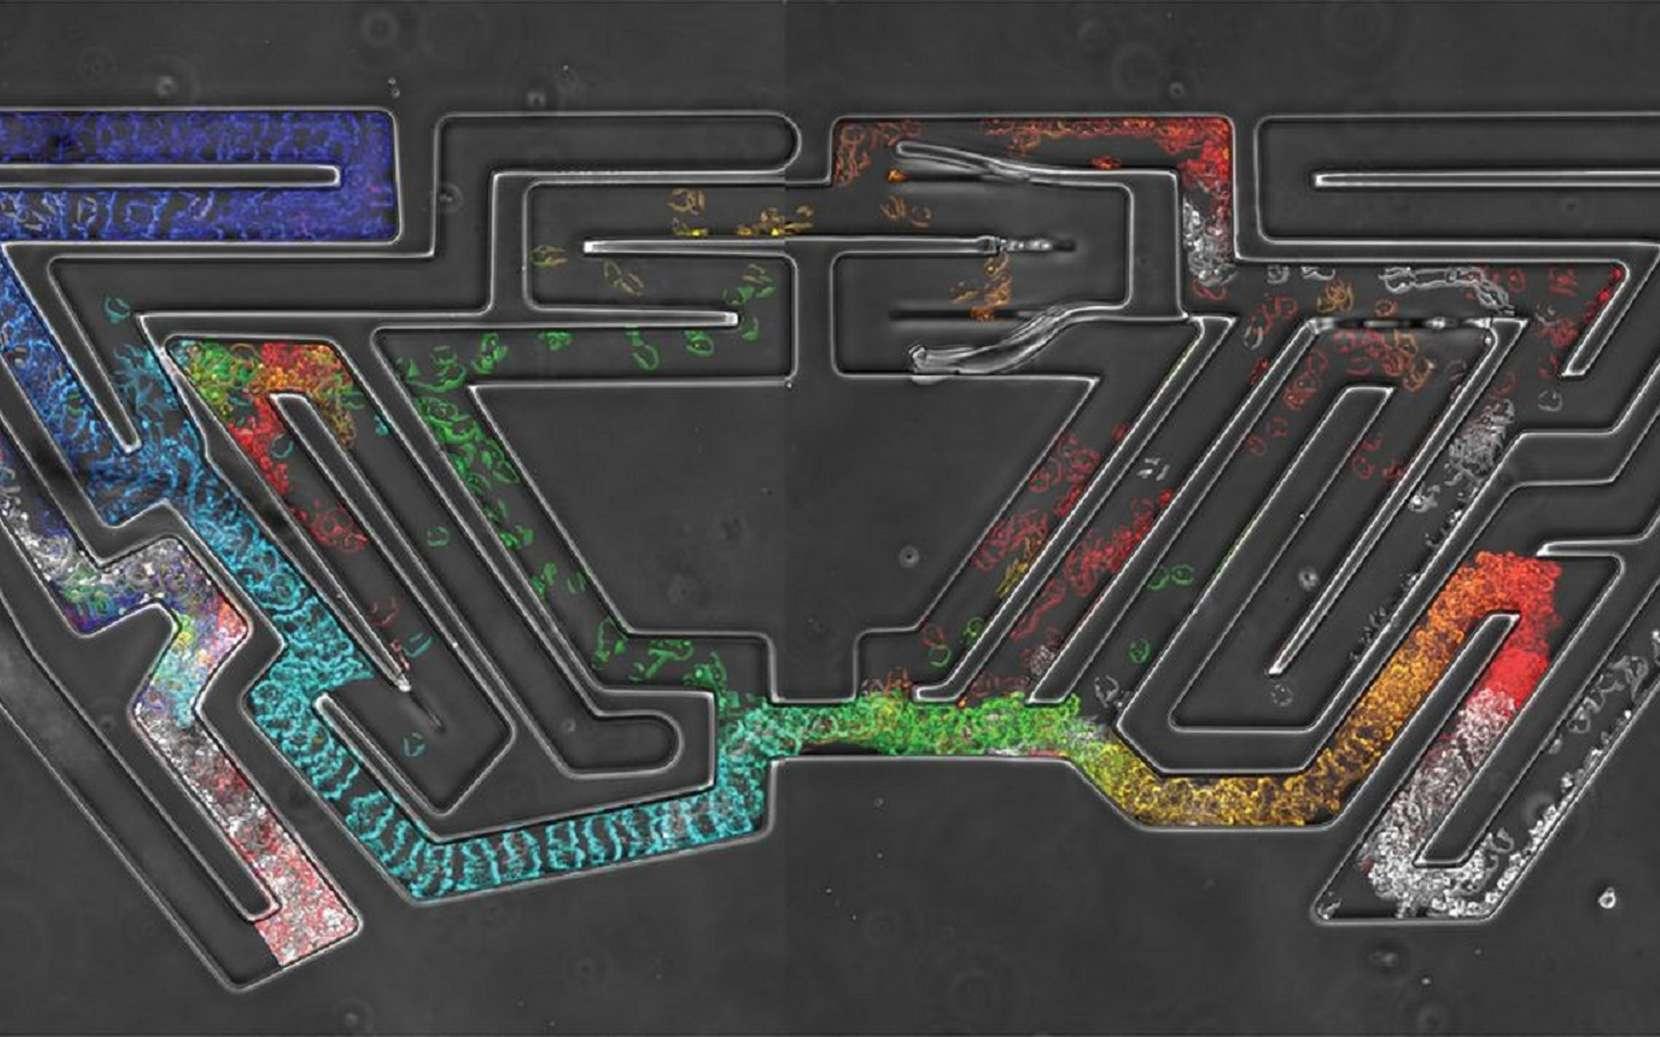 Cellules voyageant dans une version microscopique du labyrinthe de Hampton Court. Le temps est représenté par un gradient de couleurs allant du bleu (premiers instants) au rouge (derniers instants). © Cancer Research UK, Luke Tweedy, Michele Zagnoni